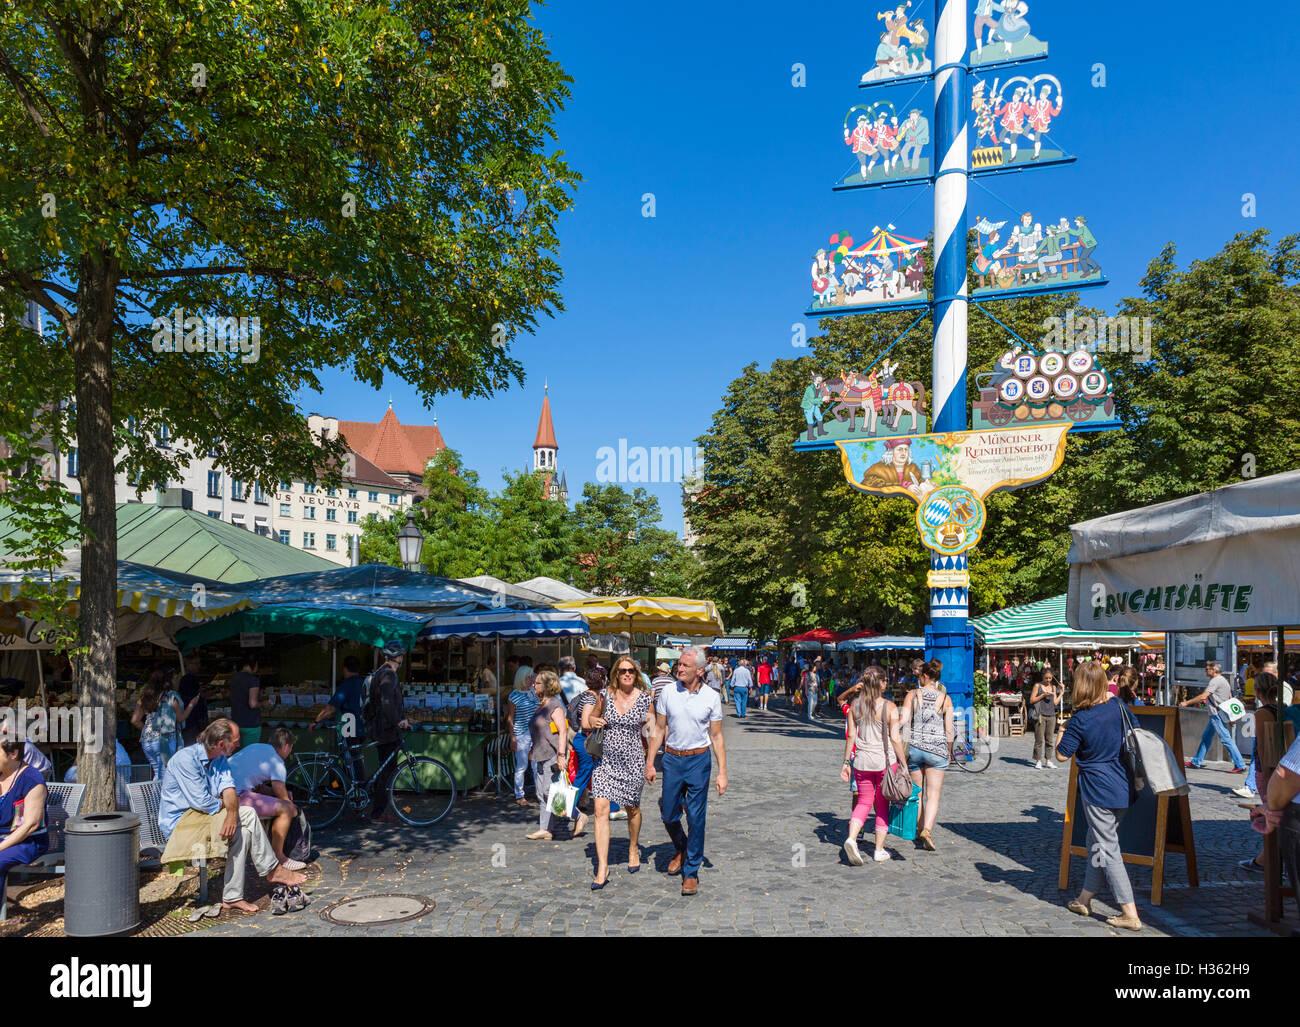 Marktstände in der Viktualienmarkt in der Nähe der Maibaum (Maibaum), München, Bayern, Deutschland Stockbild